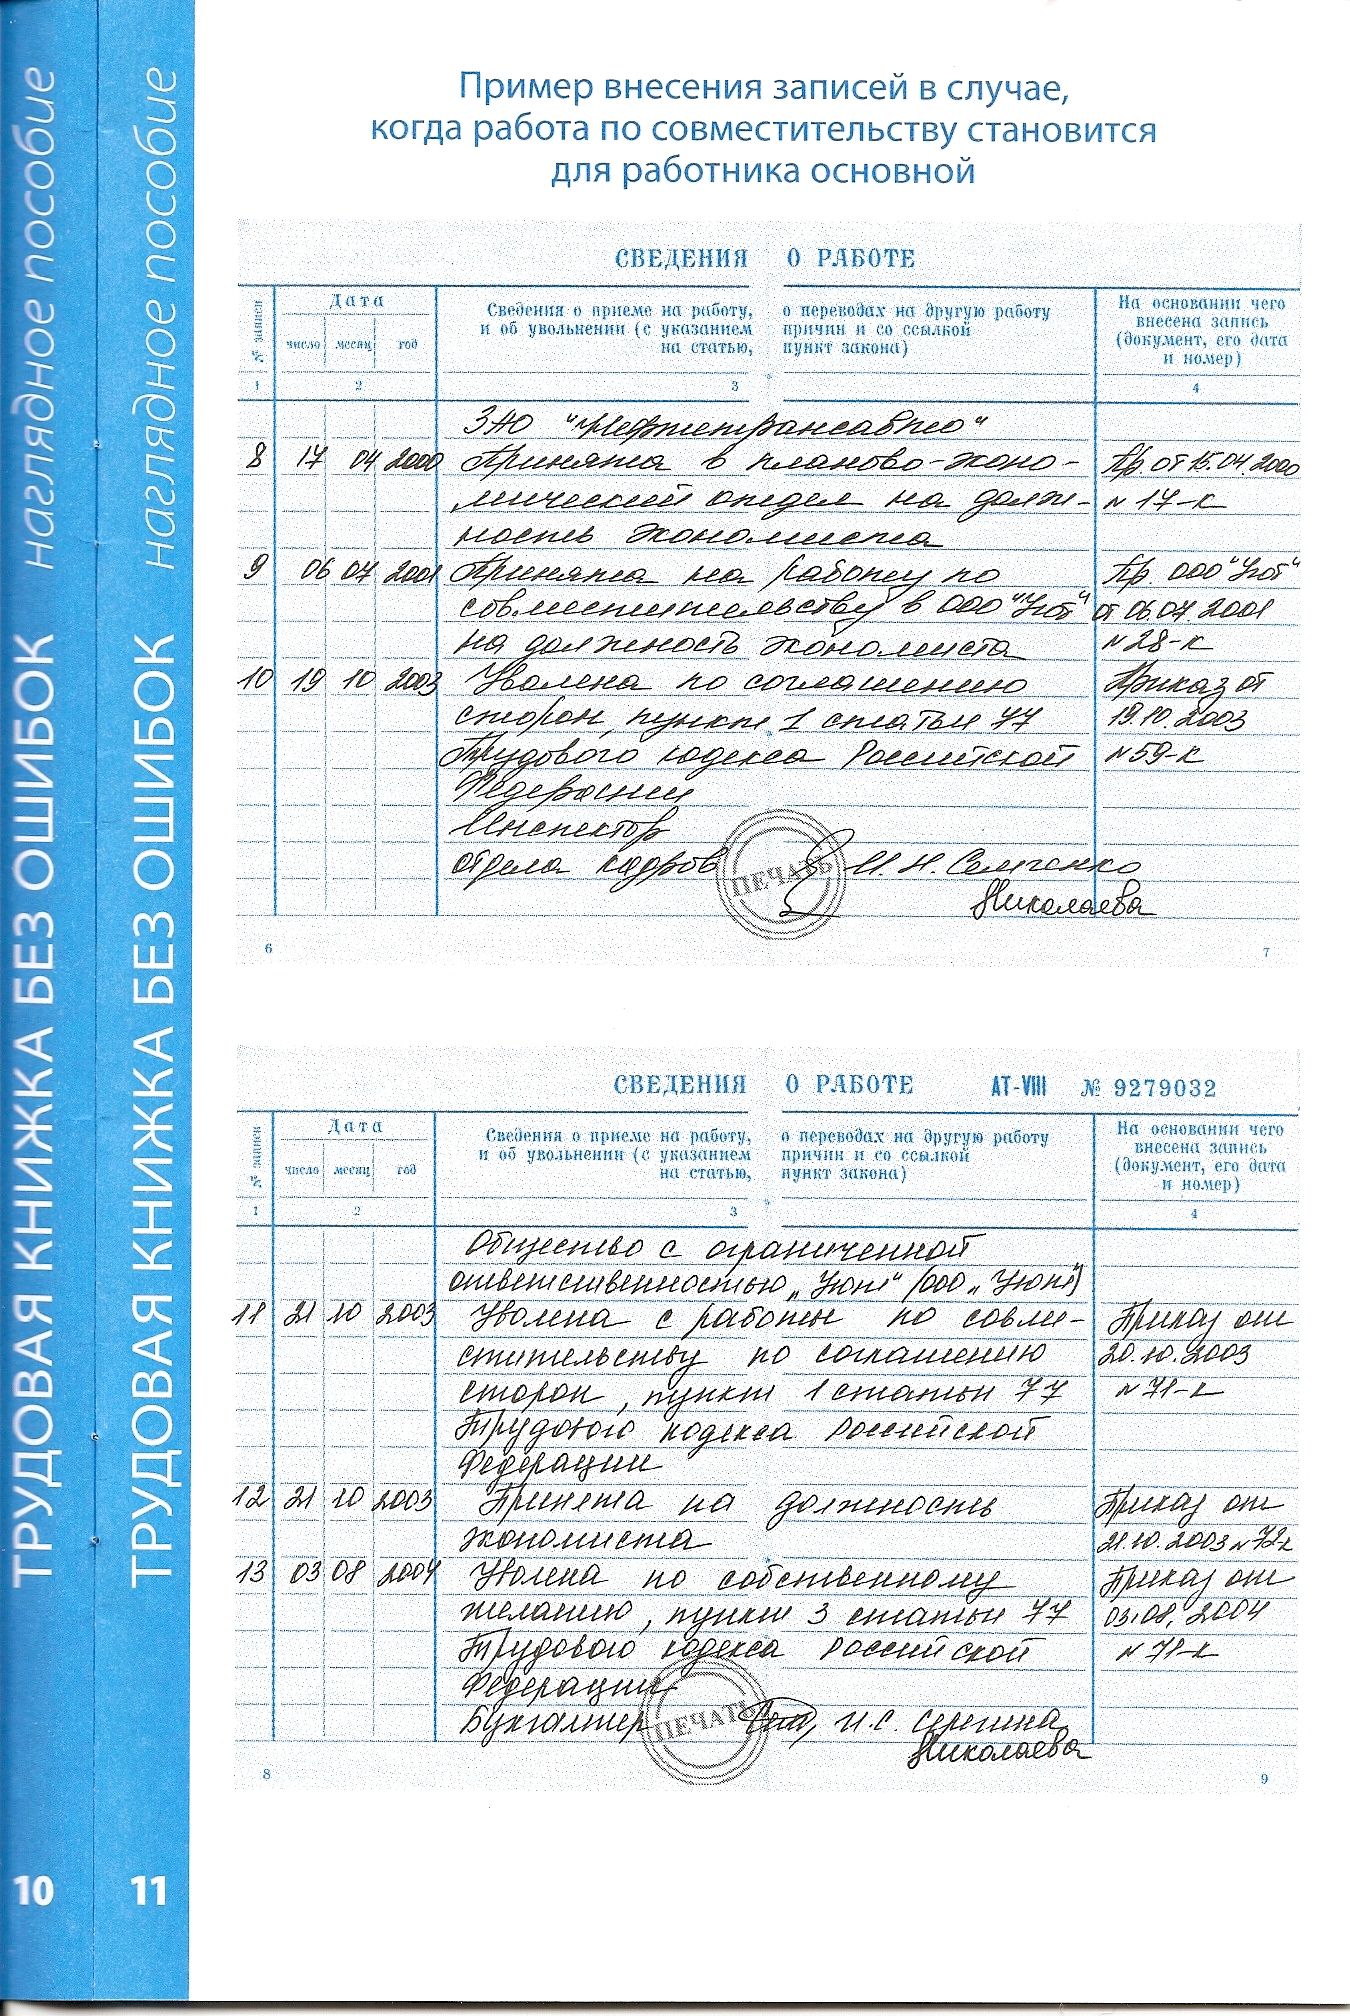 Заполнение трудовой книжки при приеме, переводе 87